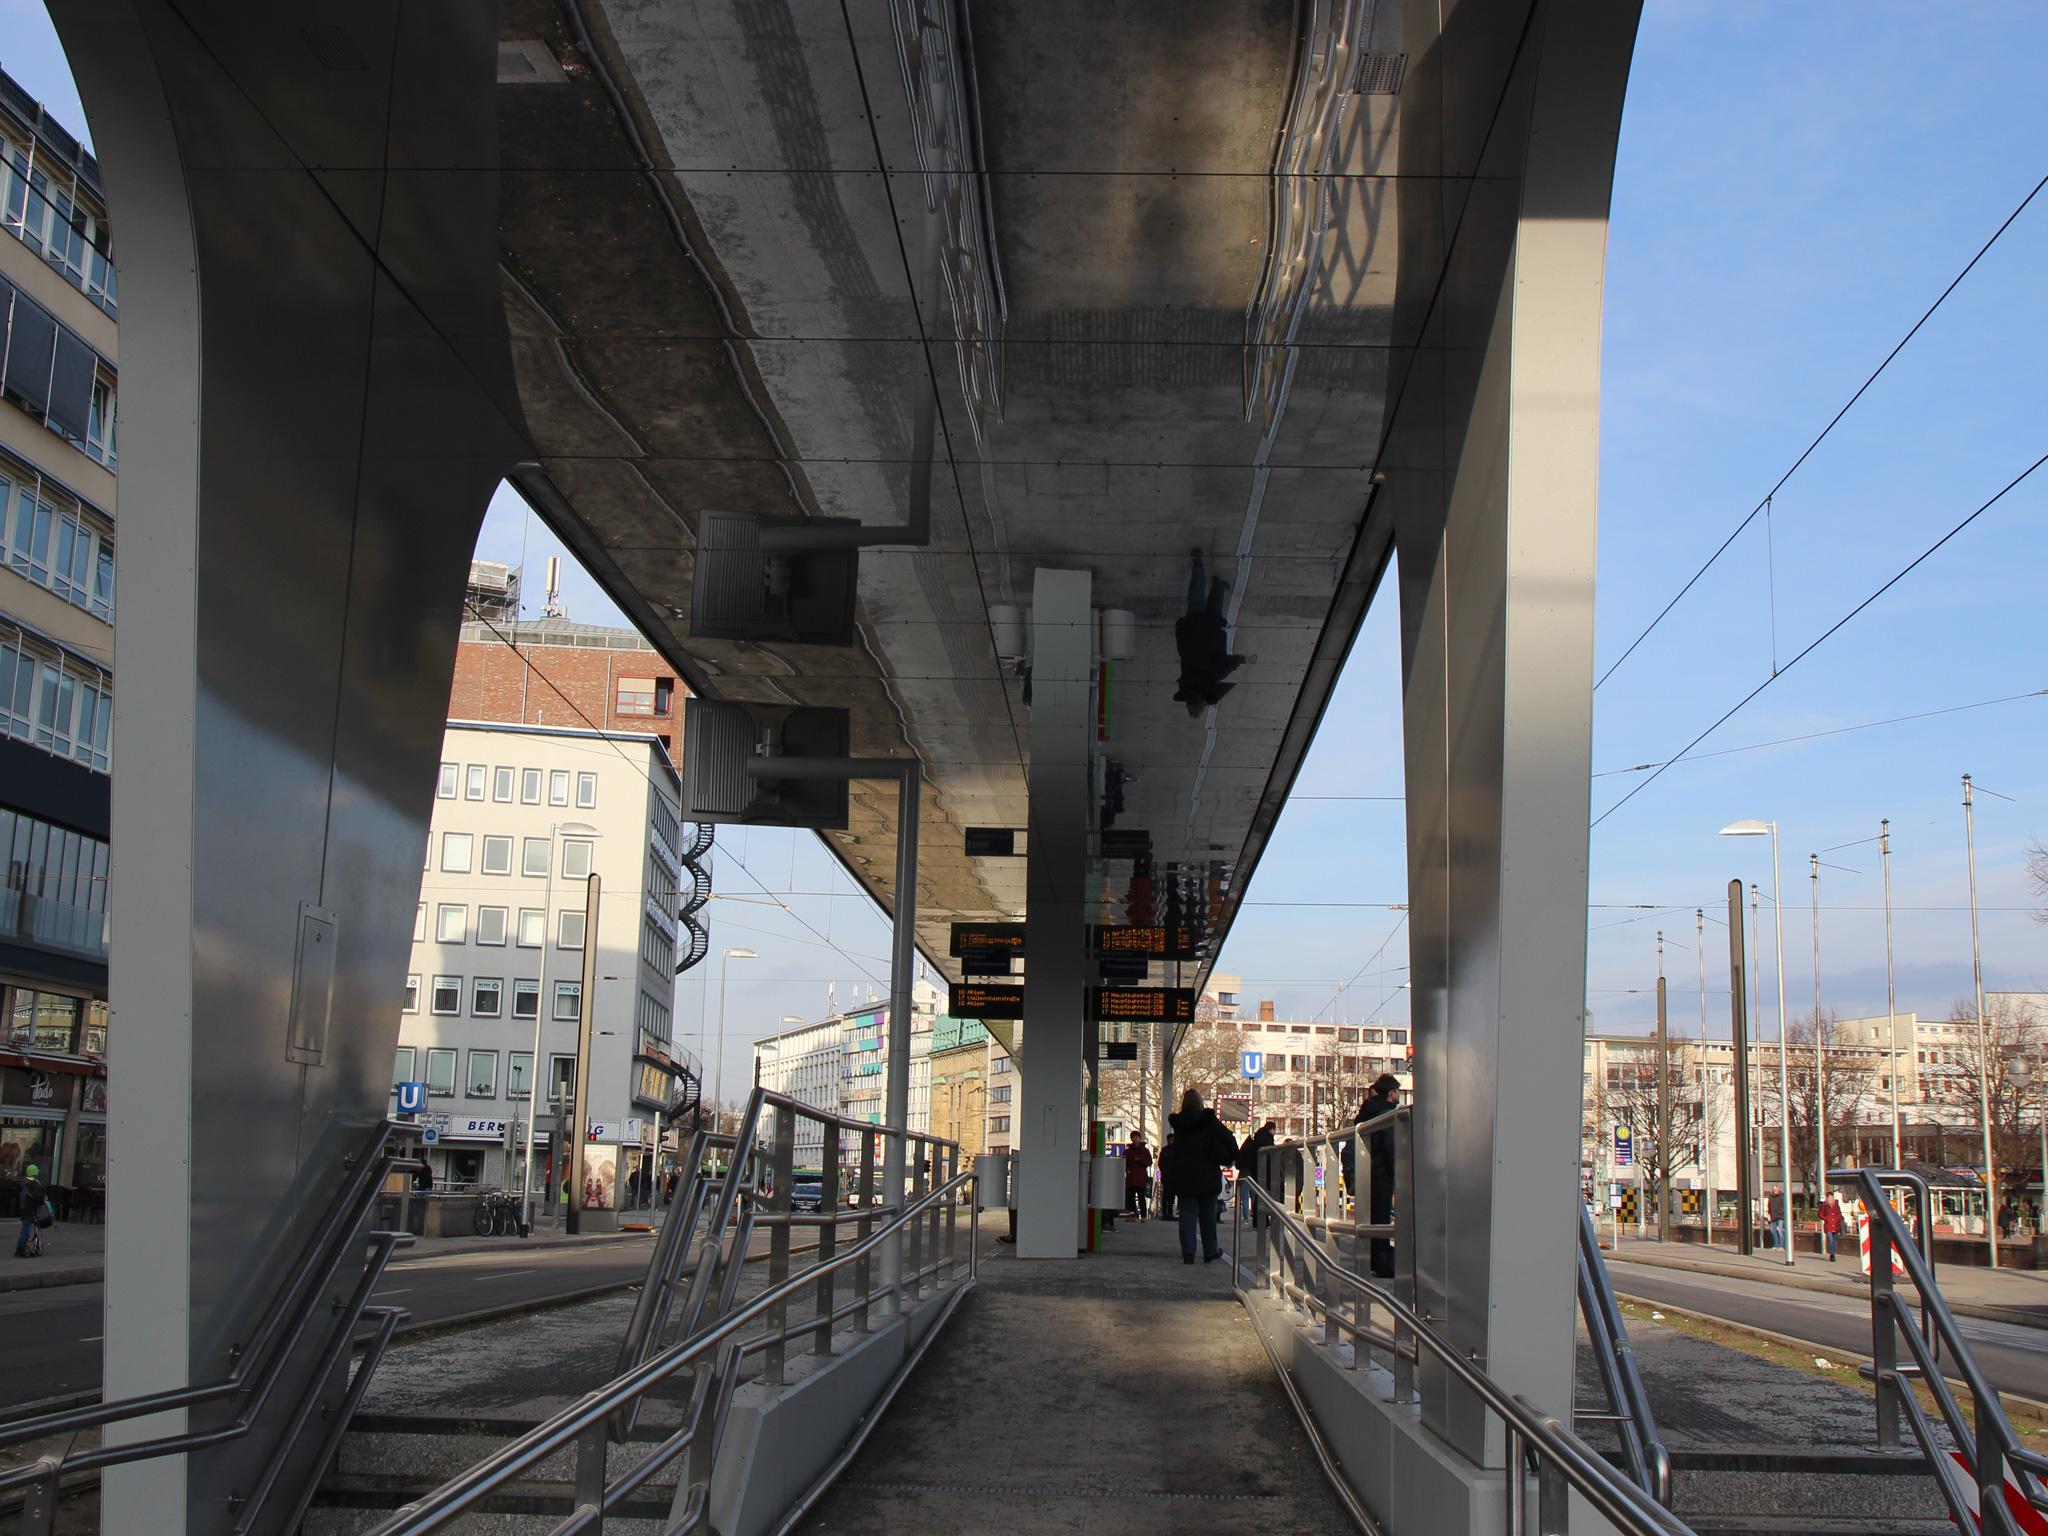 Moderne Haltestelle einer Straßenbahn mit verspiegeltem Dach